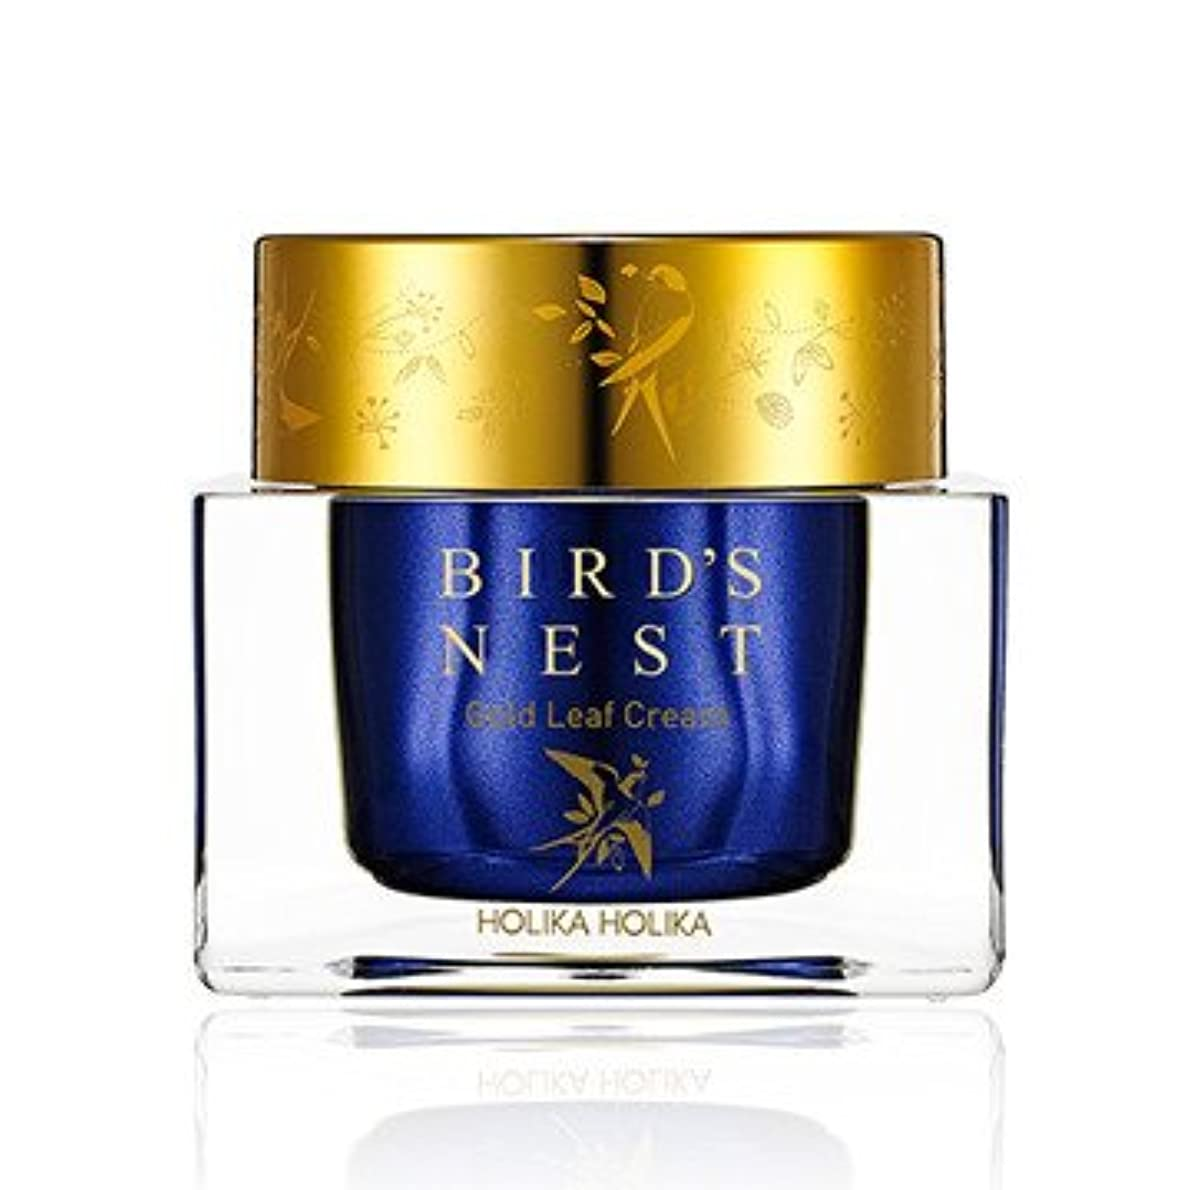 センチメートル未来あざ[2018 NEW] ホリカホリカ プライムユース バーズネスト ゴールドリーフ クリーム/Holika Holika Prime Youth Birds Nest Gold Leaf Cream 55ml [並行輸入品]